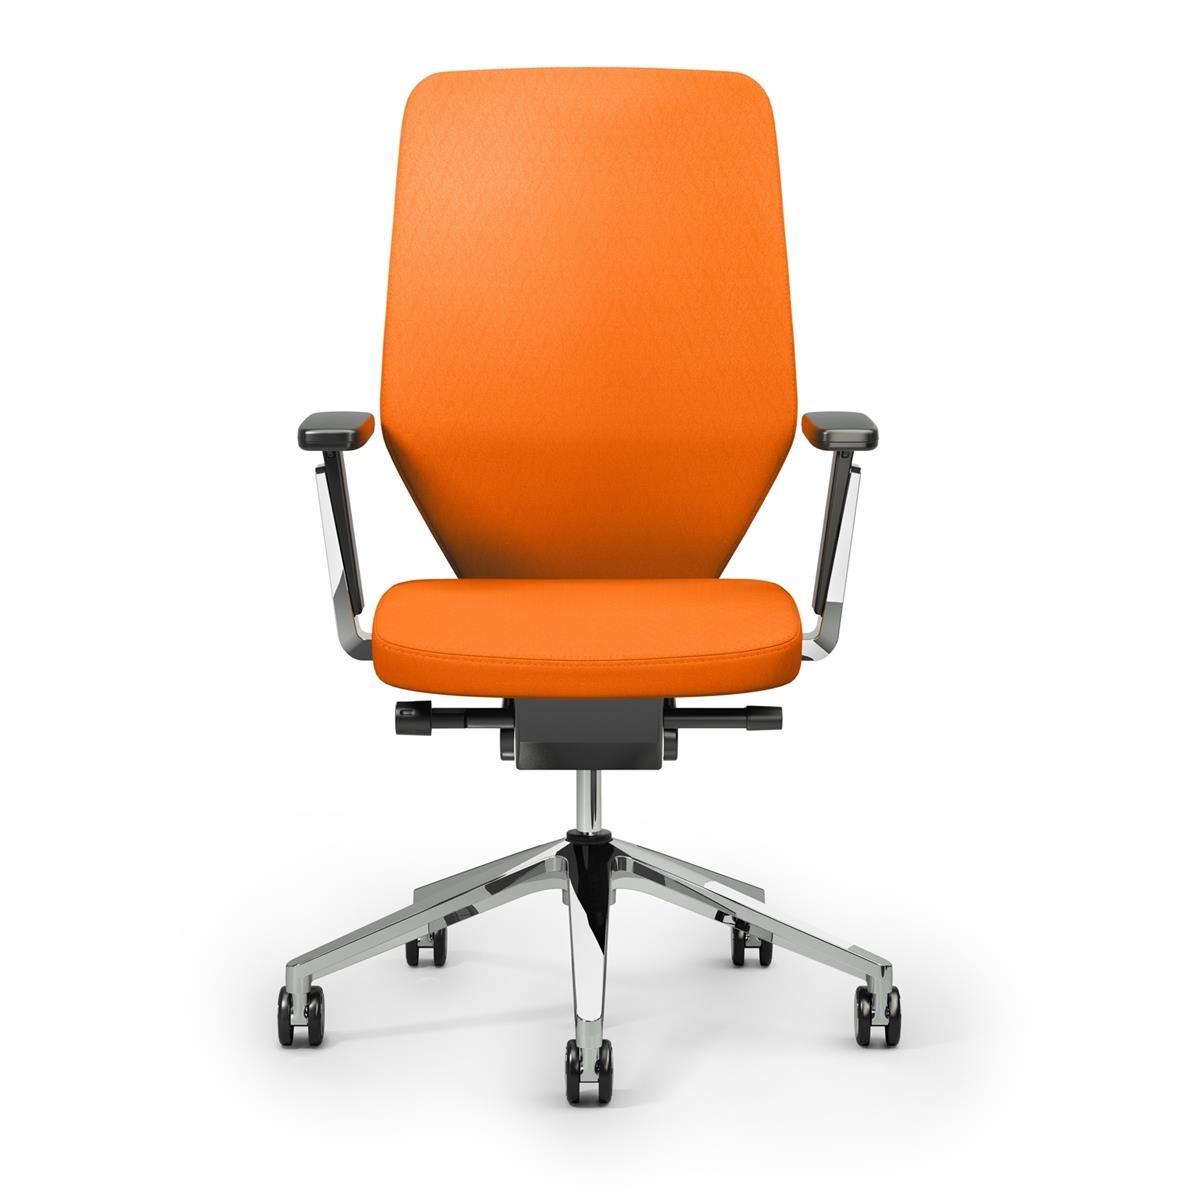 Giroflex 656 Swivel Chair 2 - на 360.ru: цены, описание, характеристики, где купить в Москве.